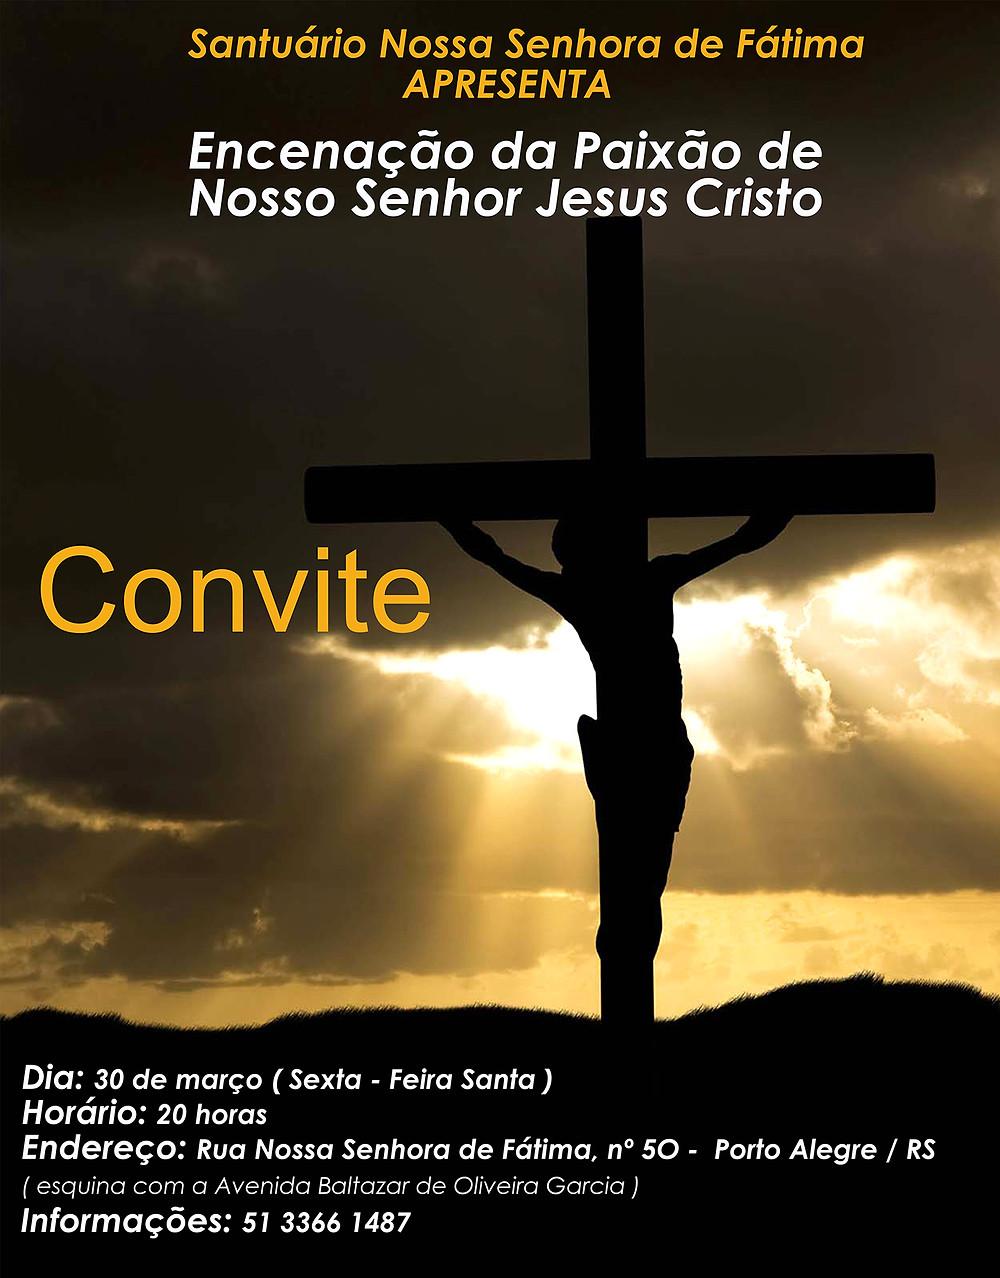 Este ano a Semana Santa da zona norte apresenta uma novidade: o Grupo teatral RasArt vai encenar a Paixão e Morte de Jesus Cristo pela Humanidade. O grupo é composto por atristas da Zona Norte de Porto Alegre e já se apresentou em diversos festivais nacionais.